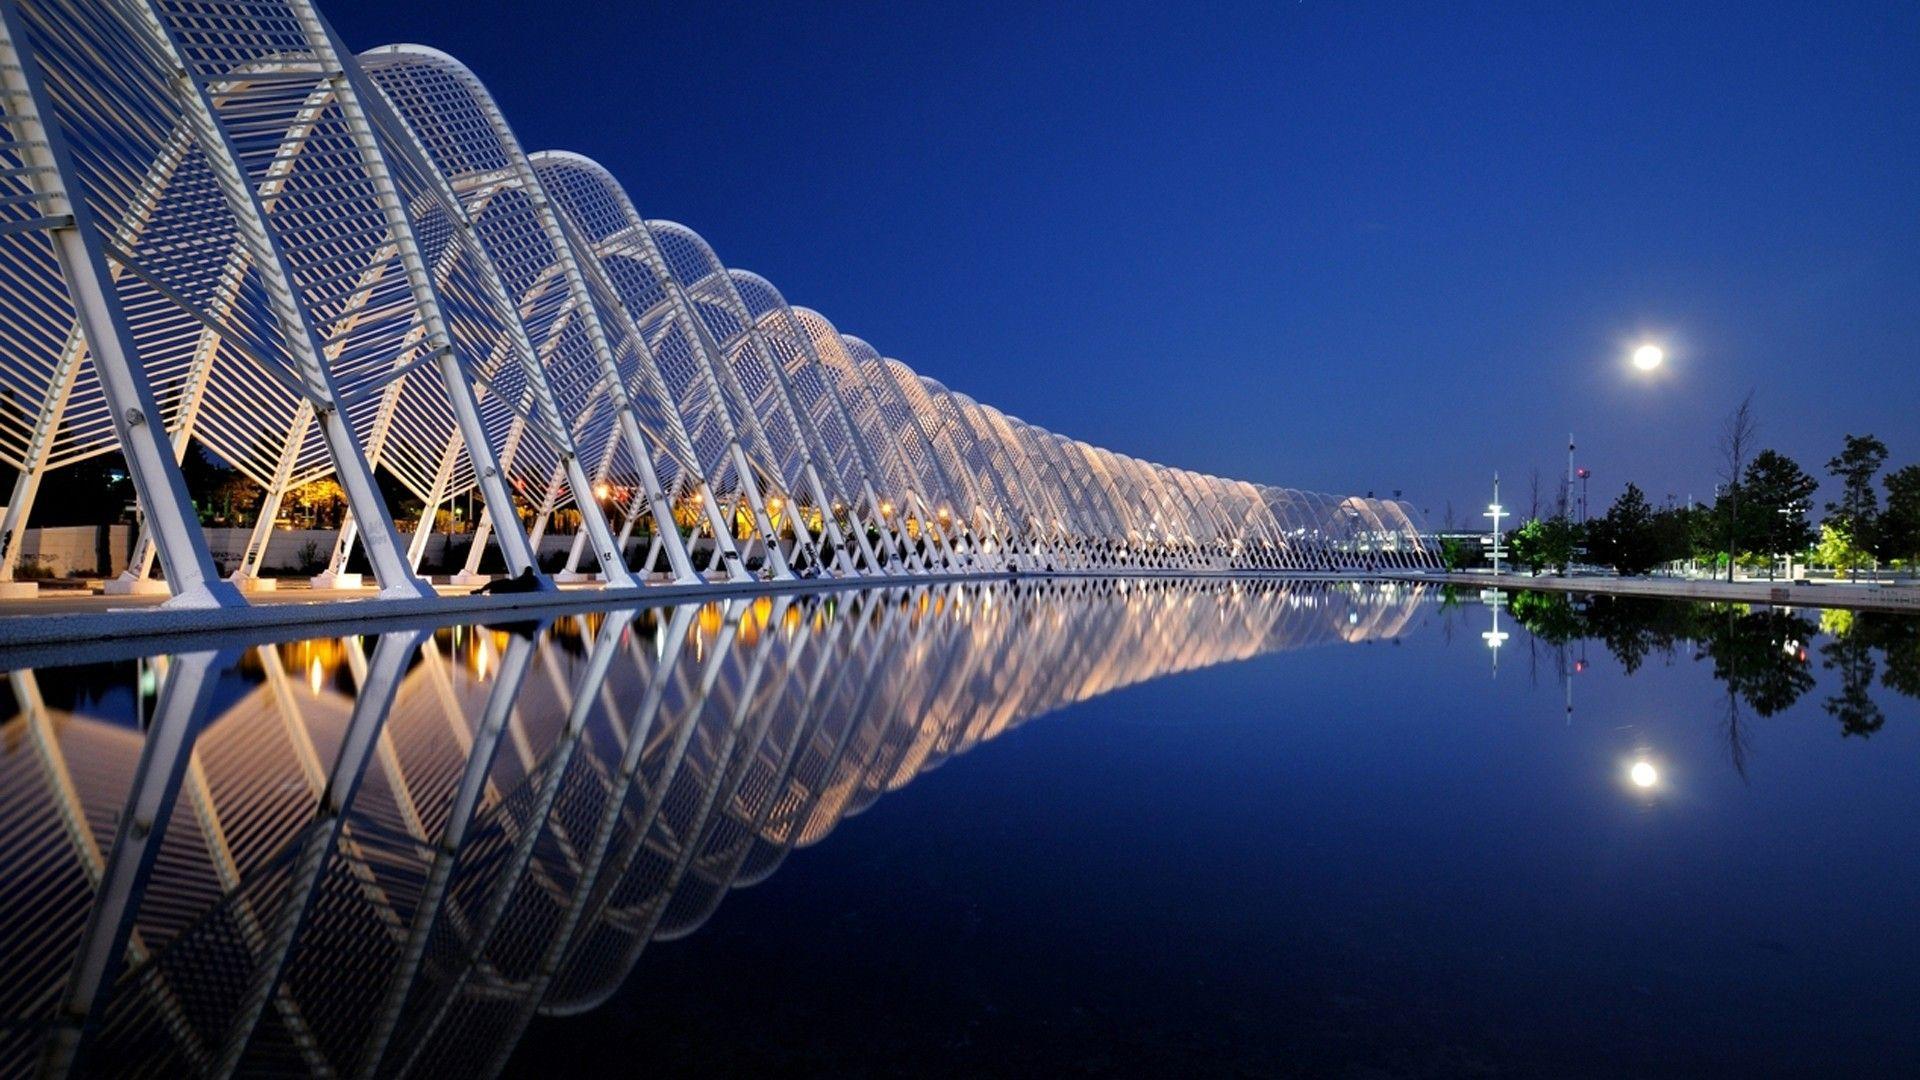 Architecture wallpaper 1080p